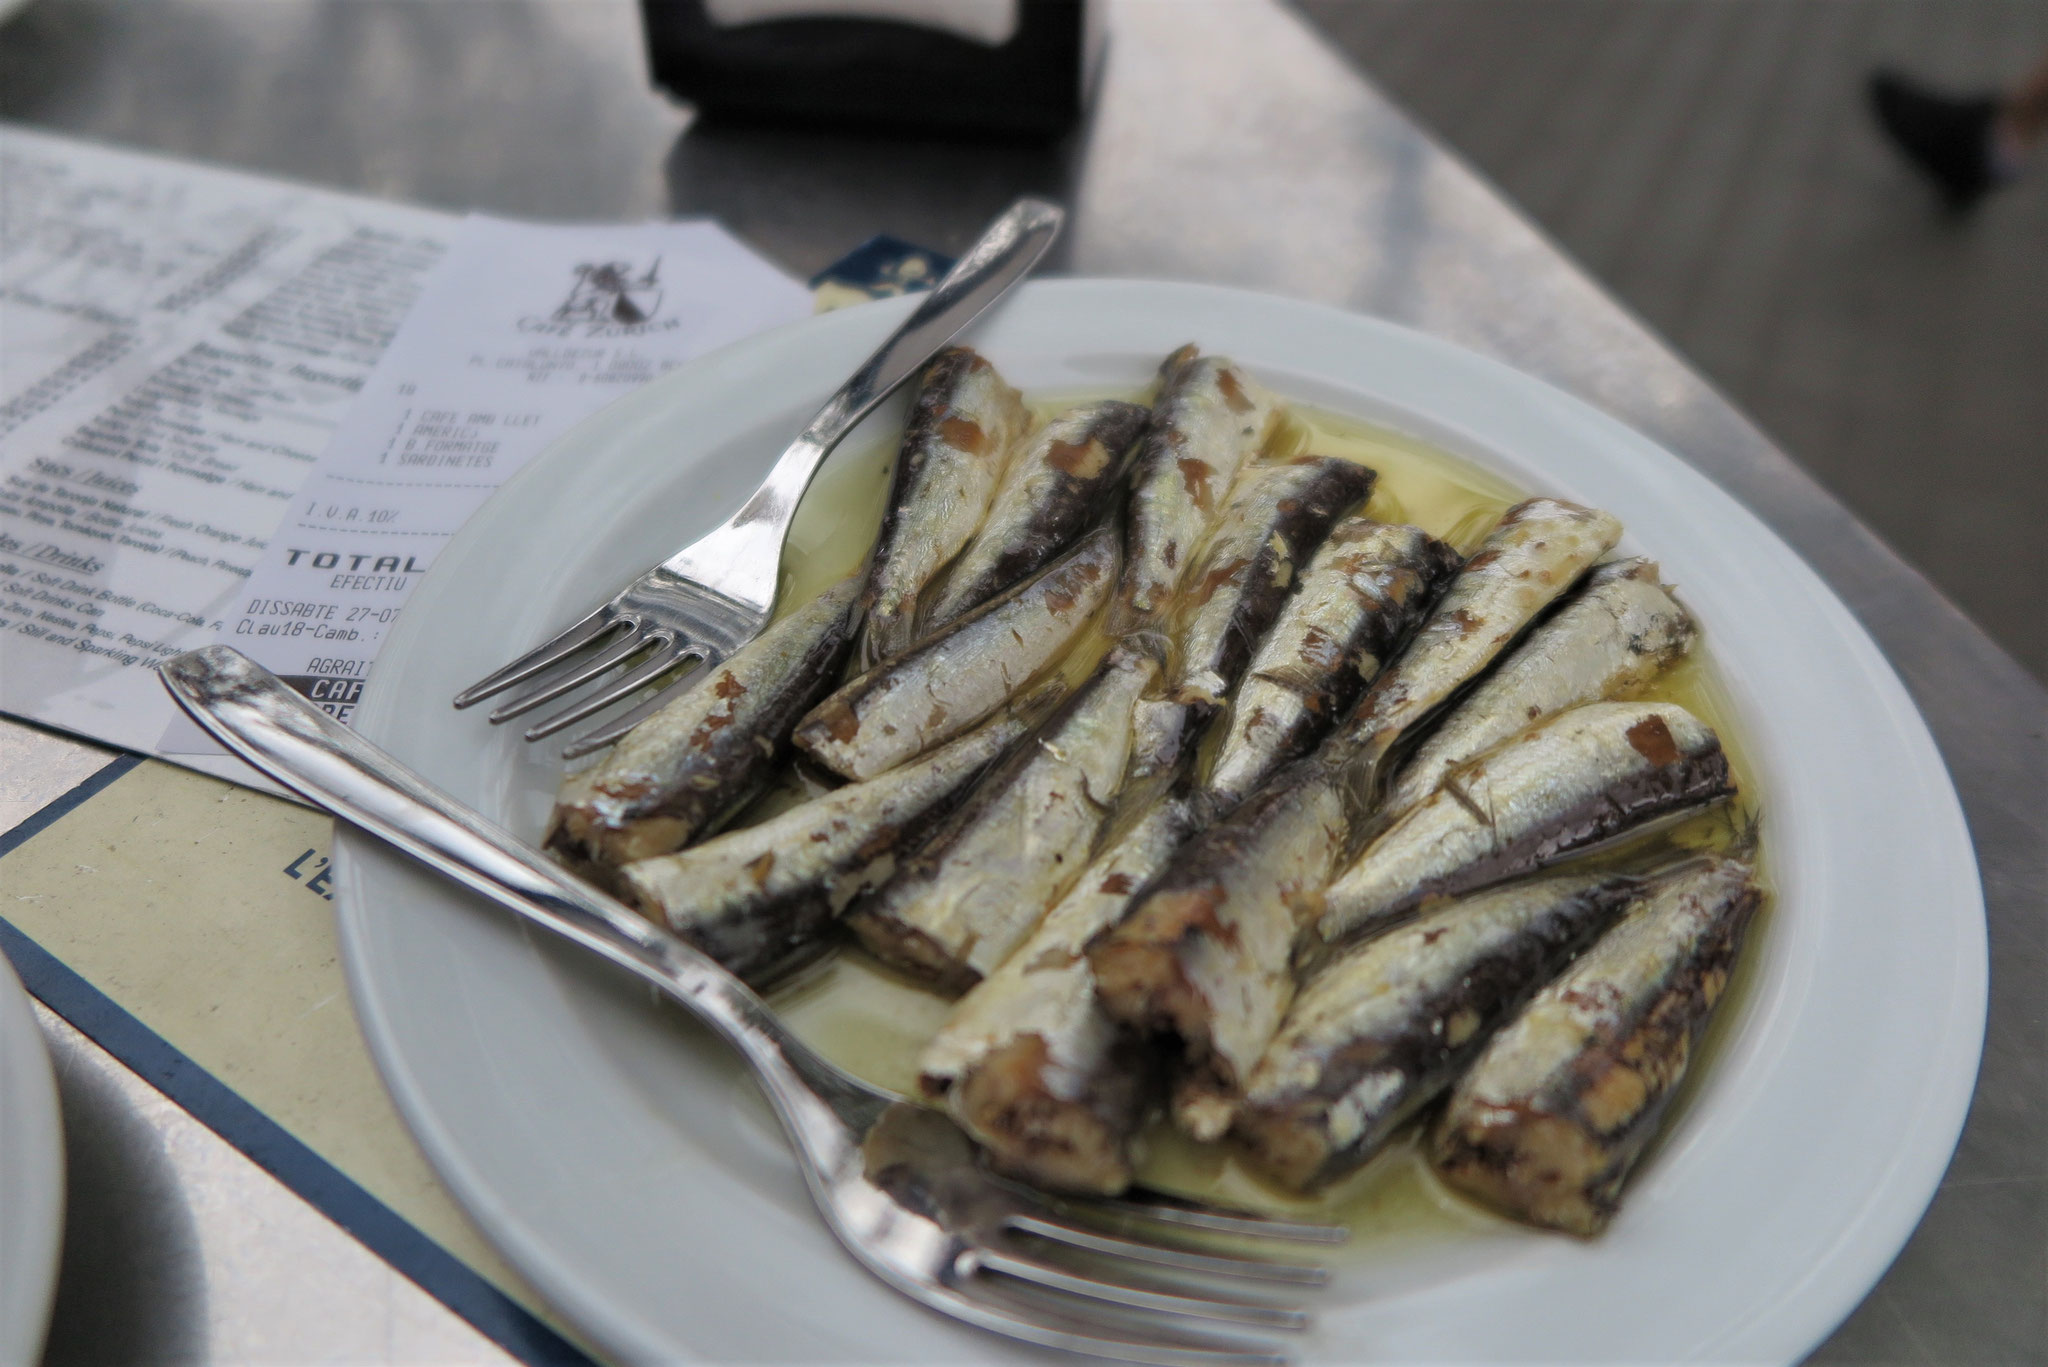 Jetzt heissen die Tapas auch Tapas. Sardellen zum Frühstück in Barcelona.